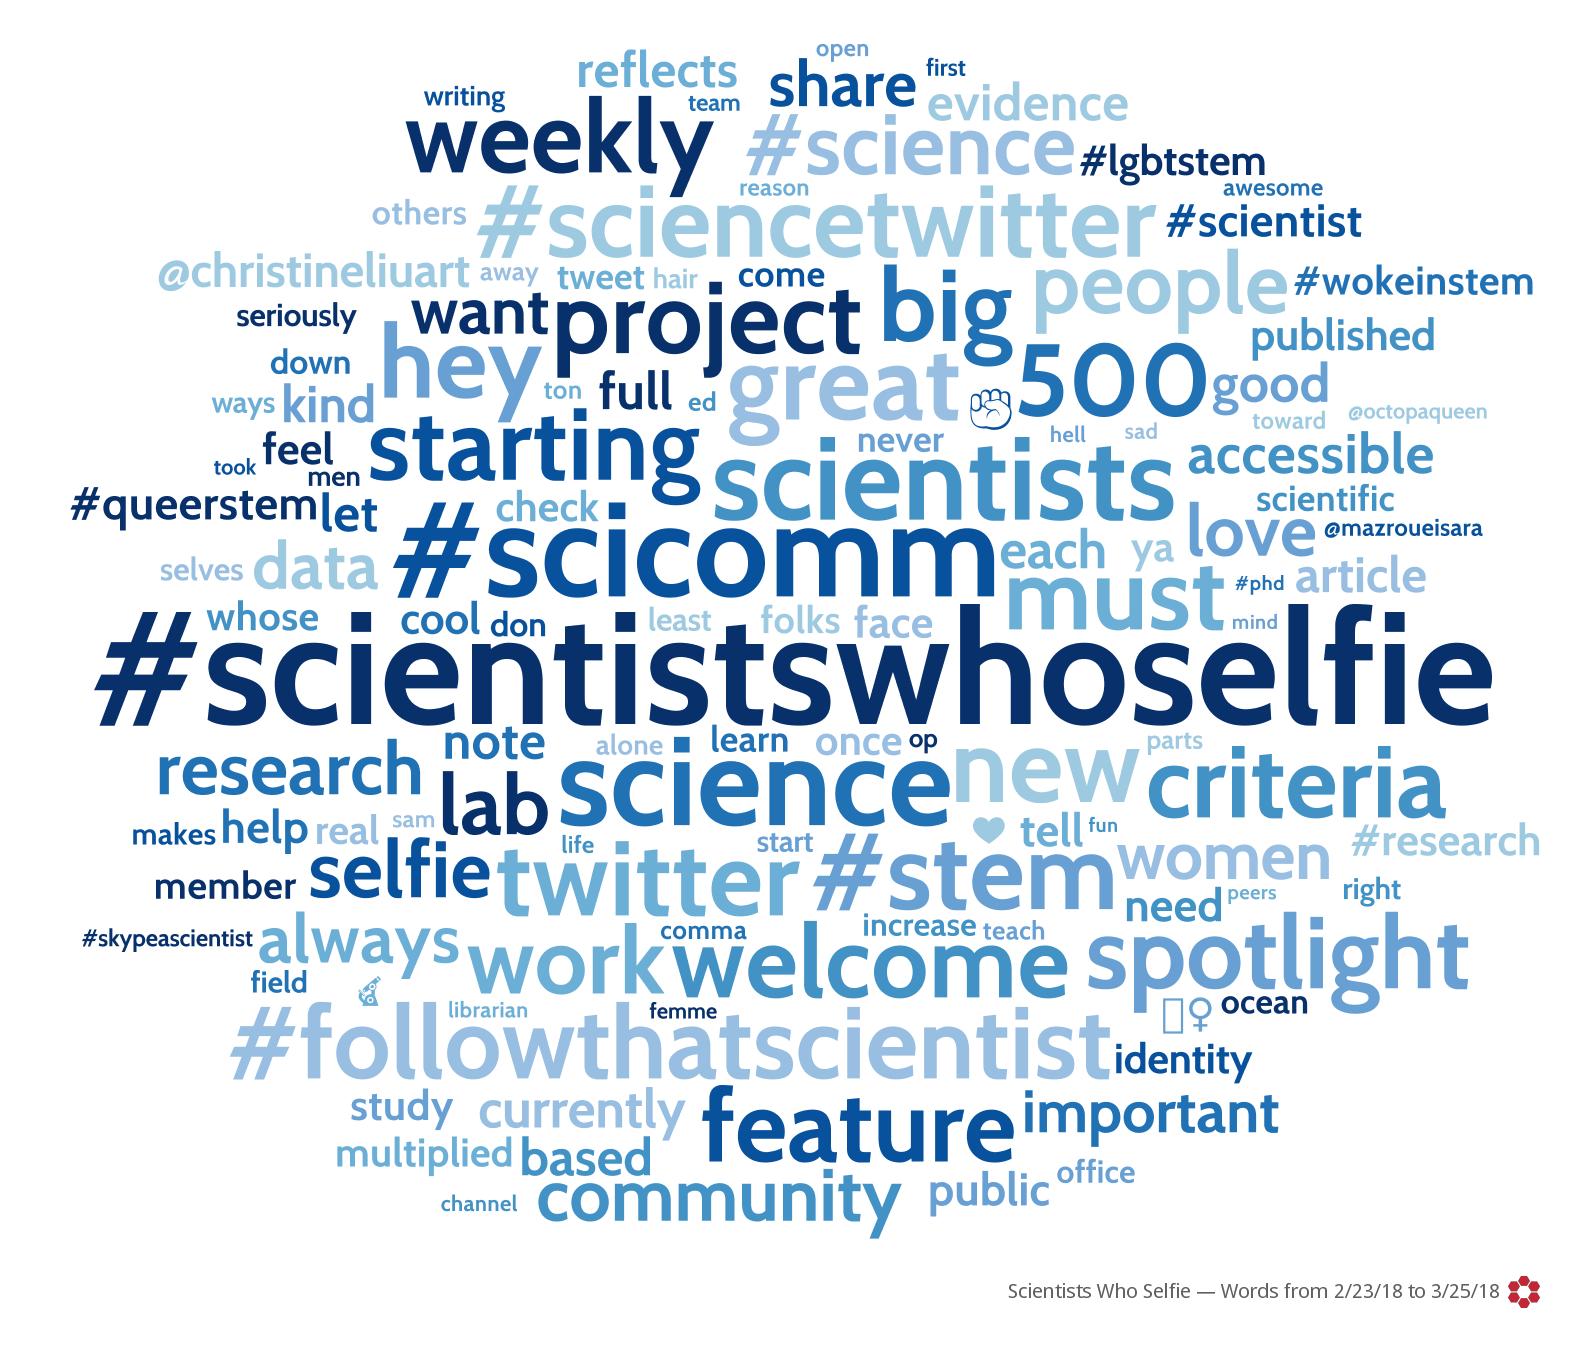 #ScientistsWhoSelfie posts word cloud.